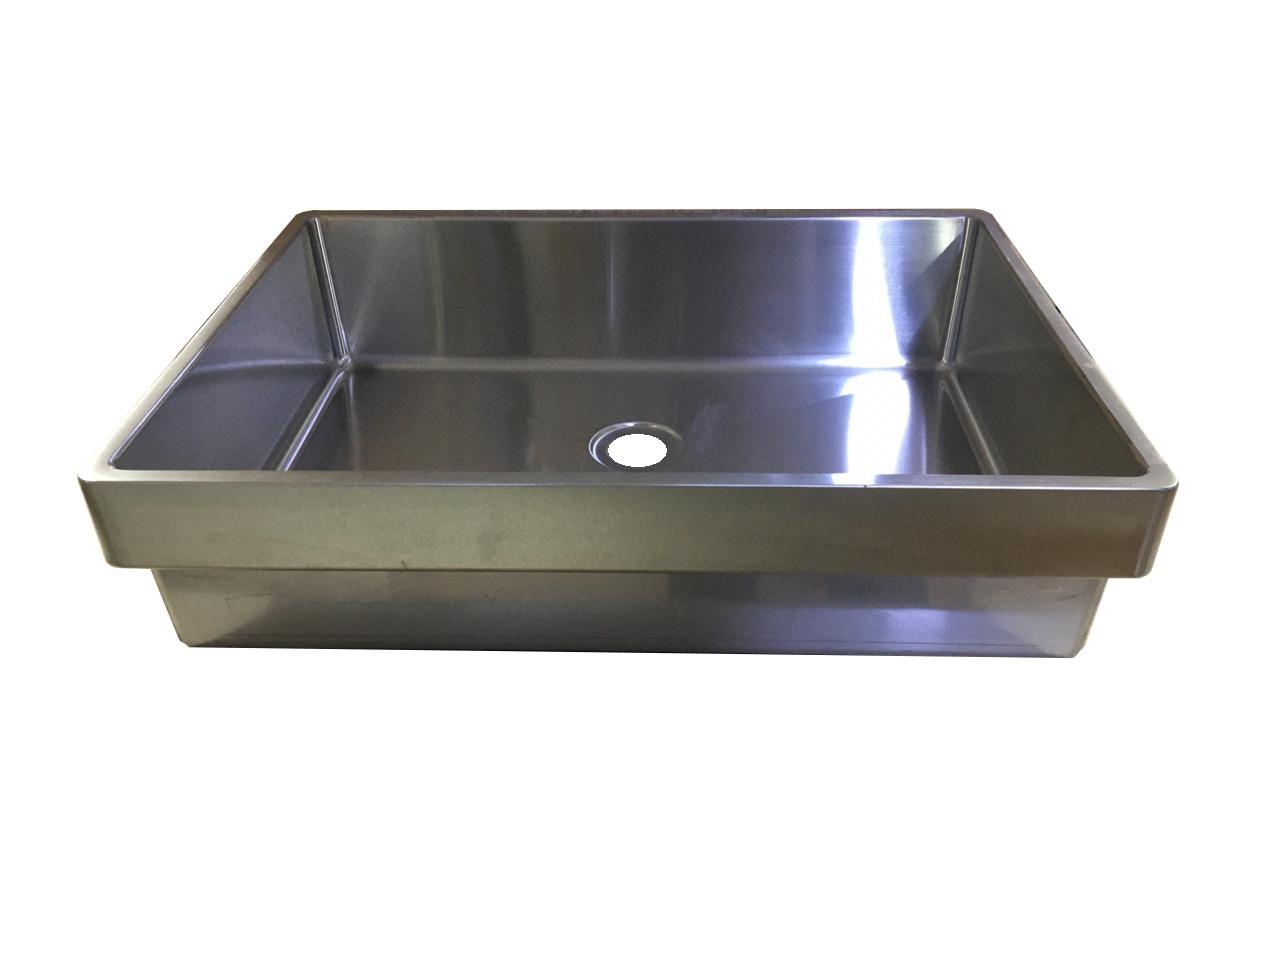 Cuba Aço Inox 304 Para Banheiro 50 Cm X 36 Cm